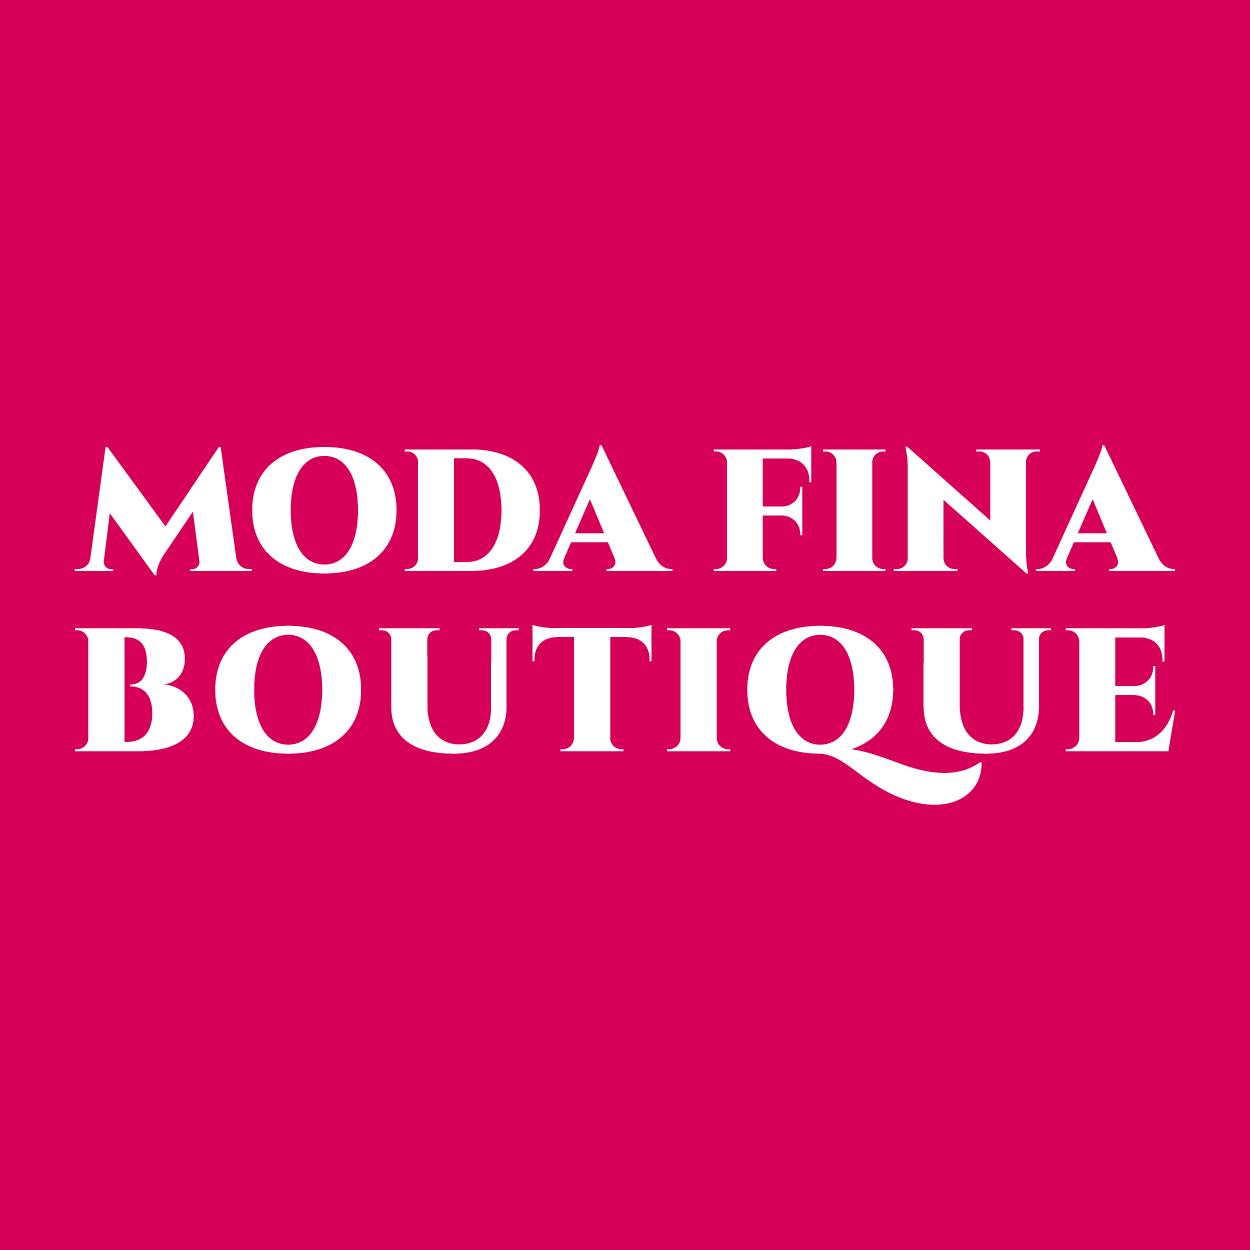 Moda Fina Boutique